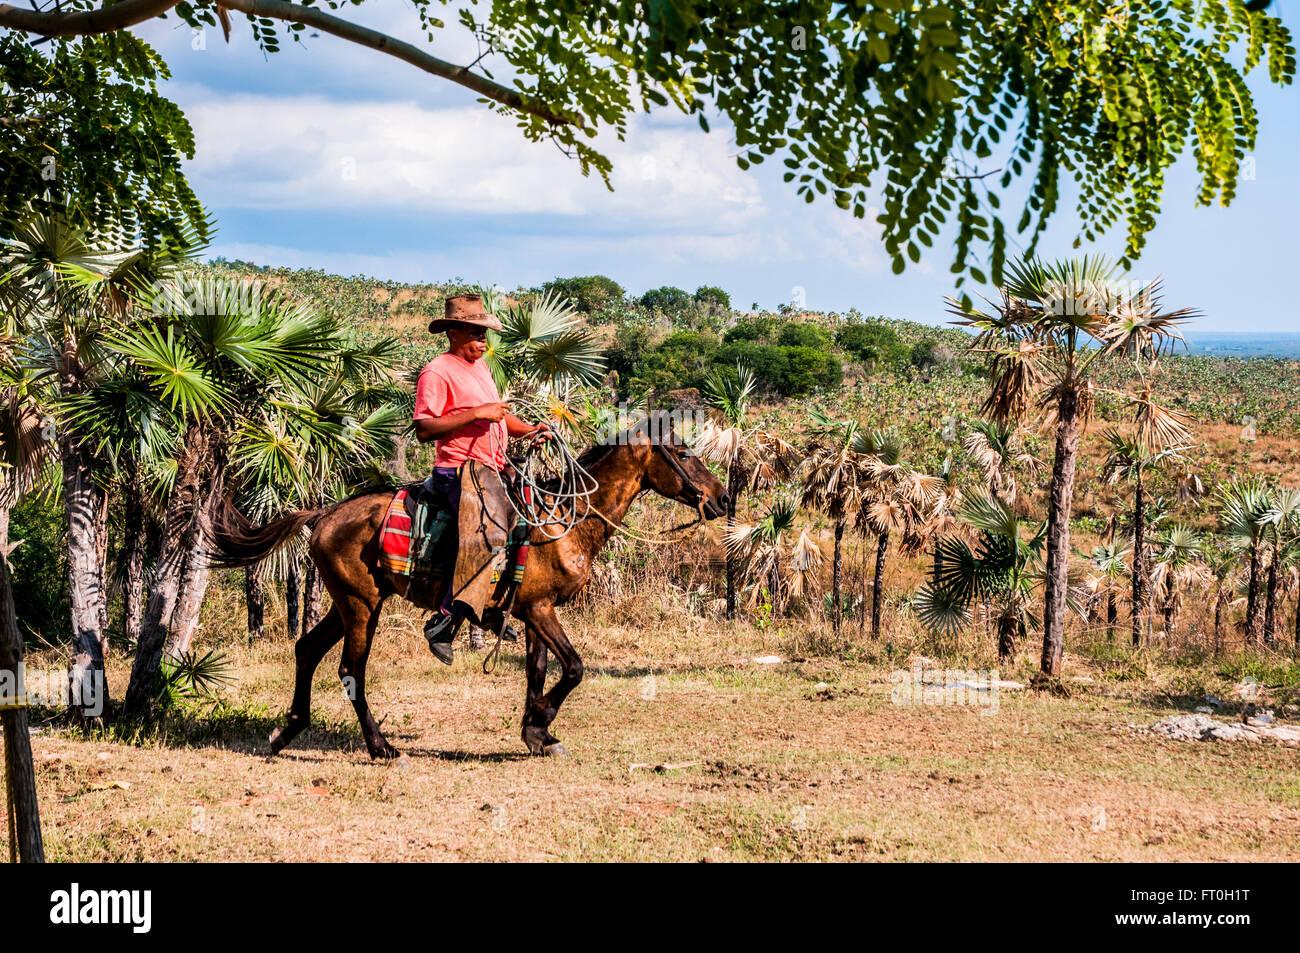 Valley de los Ingenios or Valley of the Sugar Mills, Cuba - Stock Image